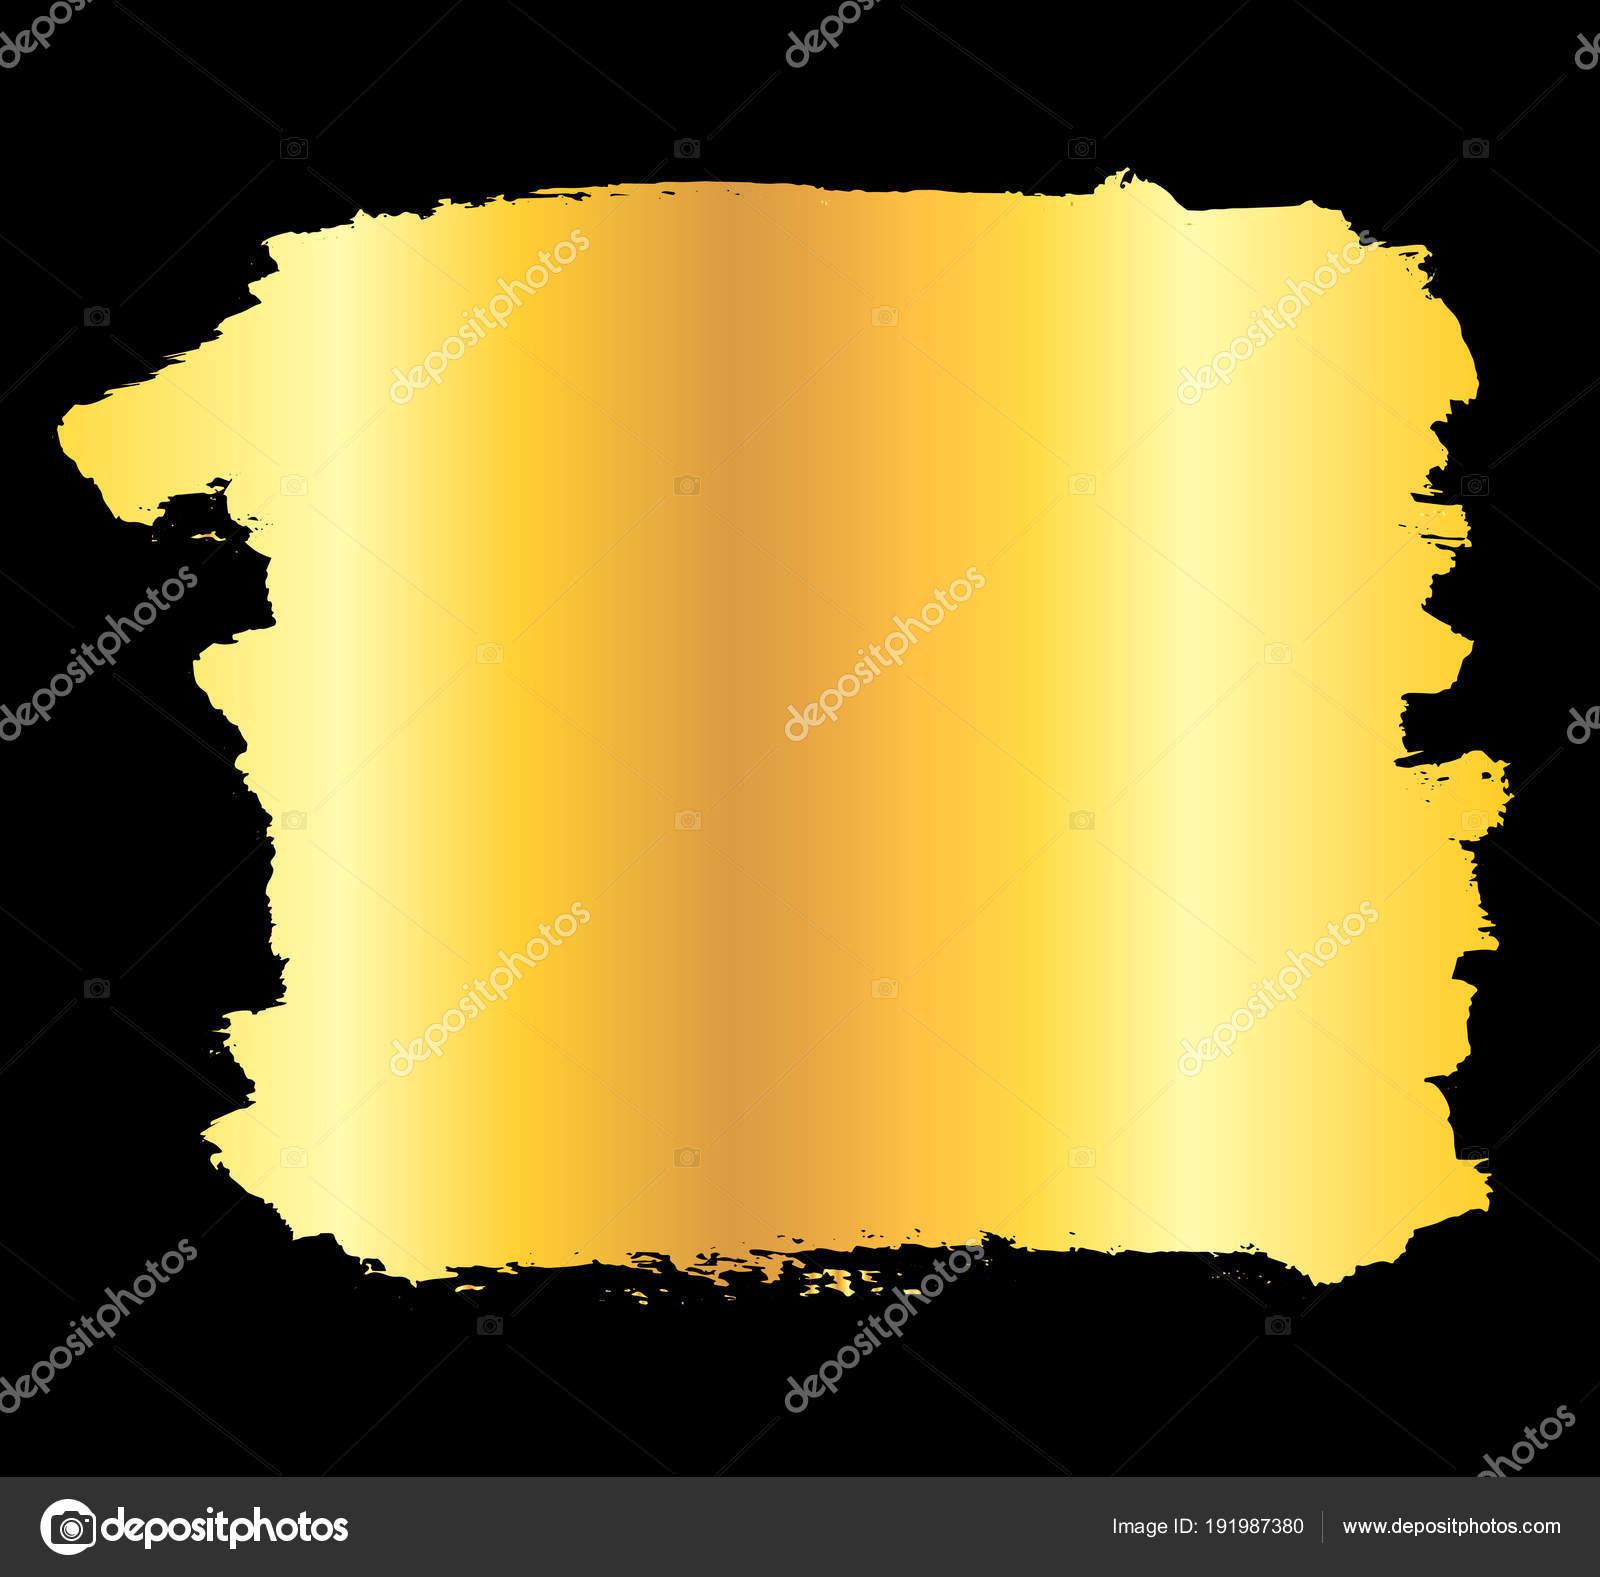 Marco de trazo de pintura oro — Archivo Imágenes Vectoriales © de ...